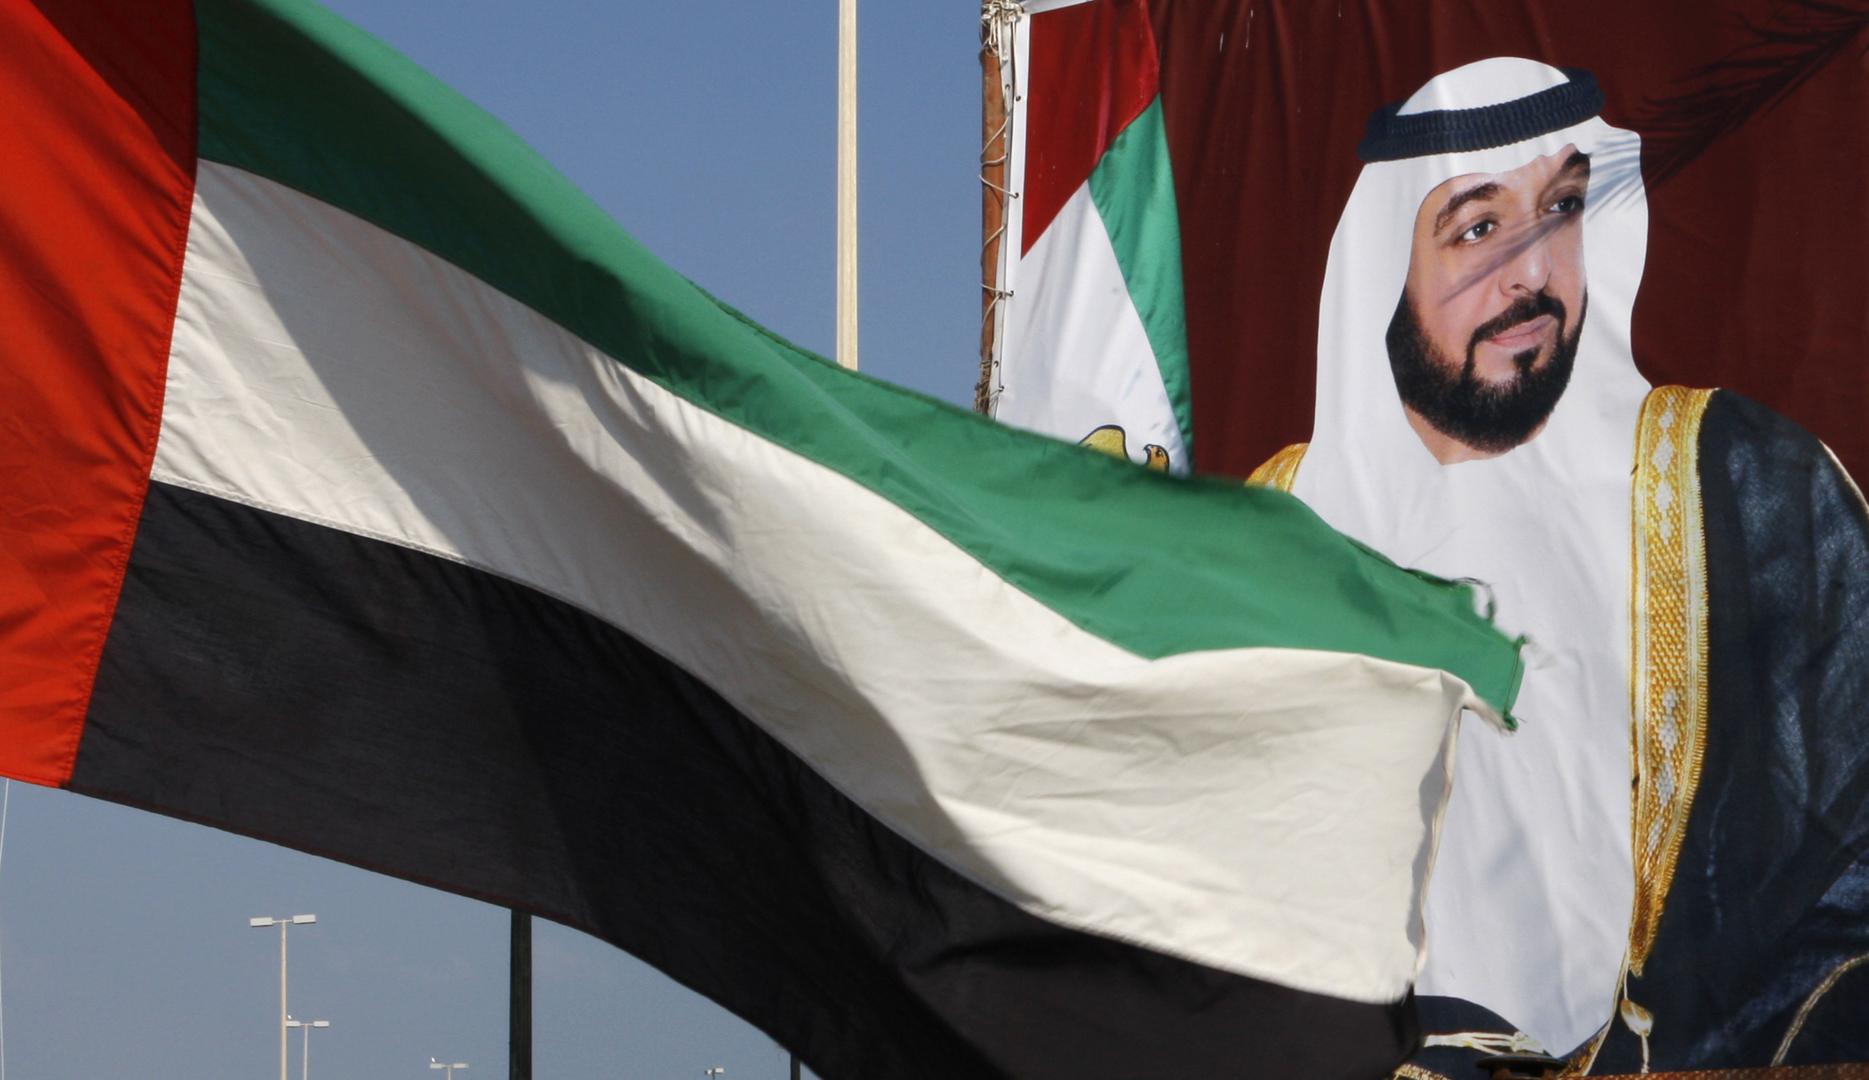 الإمارات: الشيخ شخبوط بن نهيان وزير دولة للشؤون الخارجية مكان أنور قرقاش الذي أصبح مستشارا للرئيس